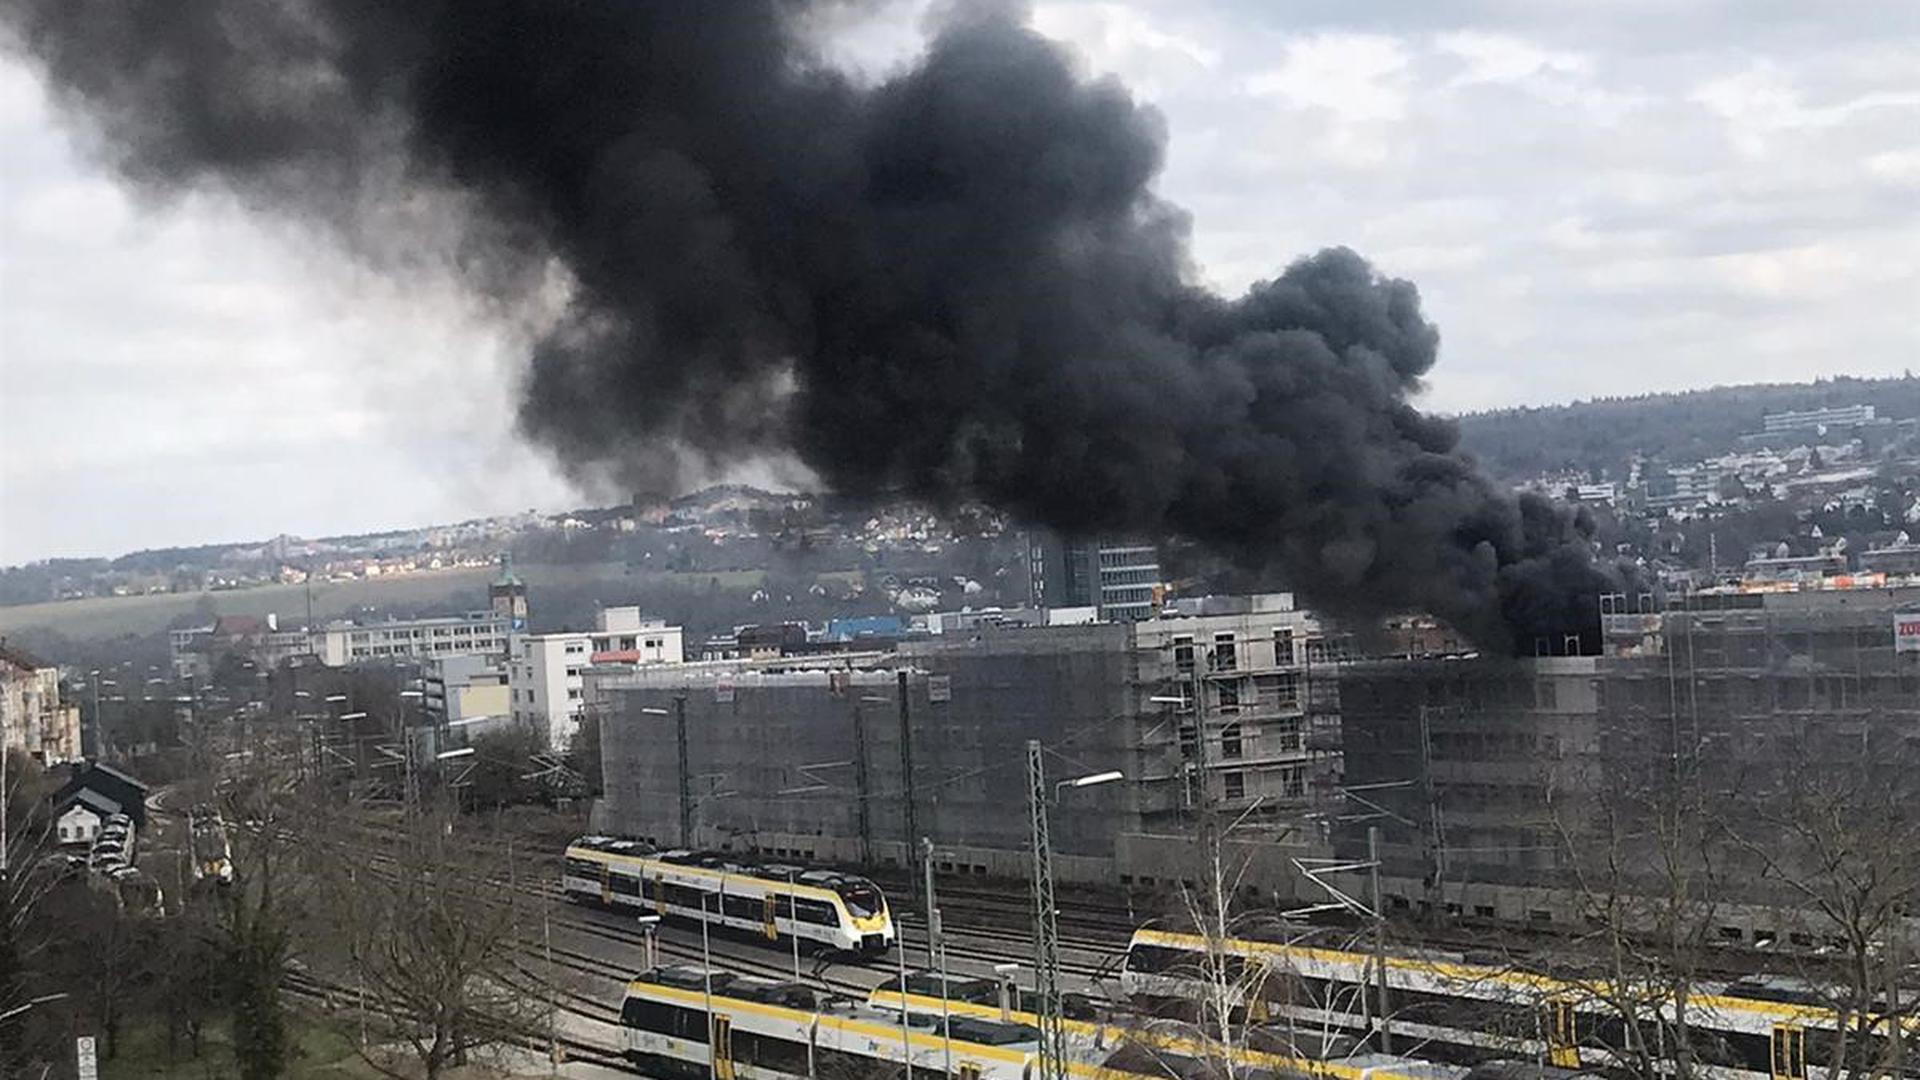 Dunkle Rauchsäule: Der Brand war in Pforzheim weithin sichtbar.